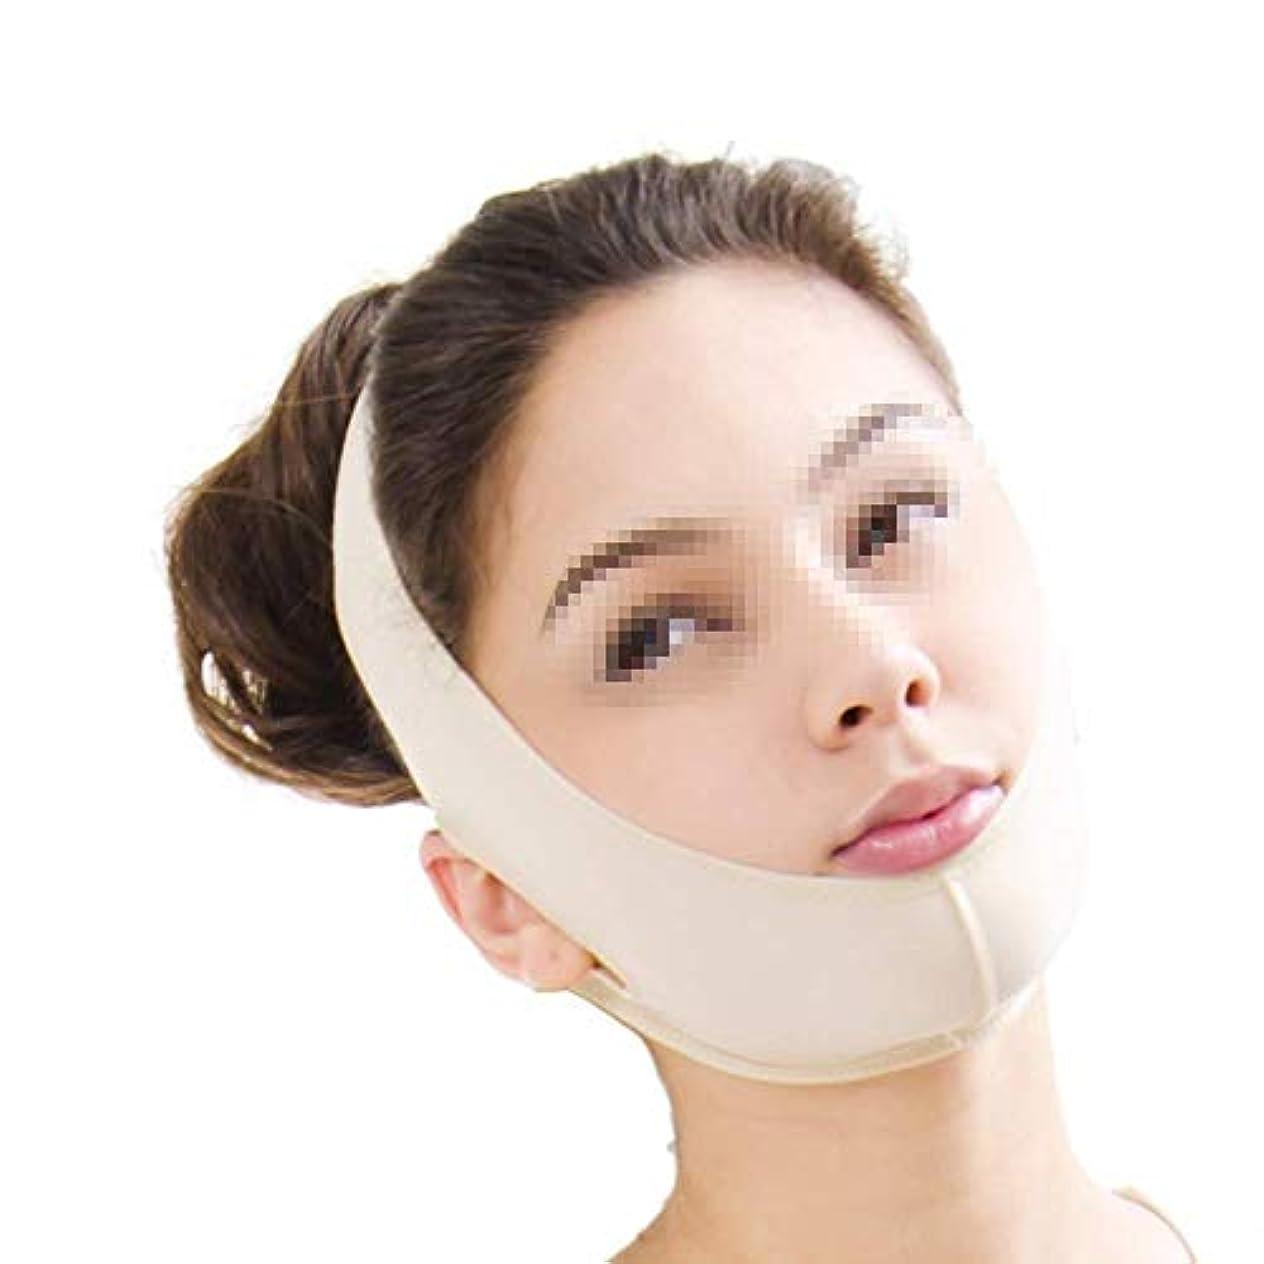 親密な枯れるオーラルフェイスリフトマスク、圧縮後の顎顔面ダブルチン化粧品脂肪吸引小顔包帯弾性ヘッドギア(サイズ:Xl)